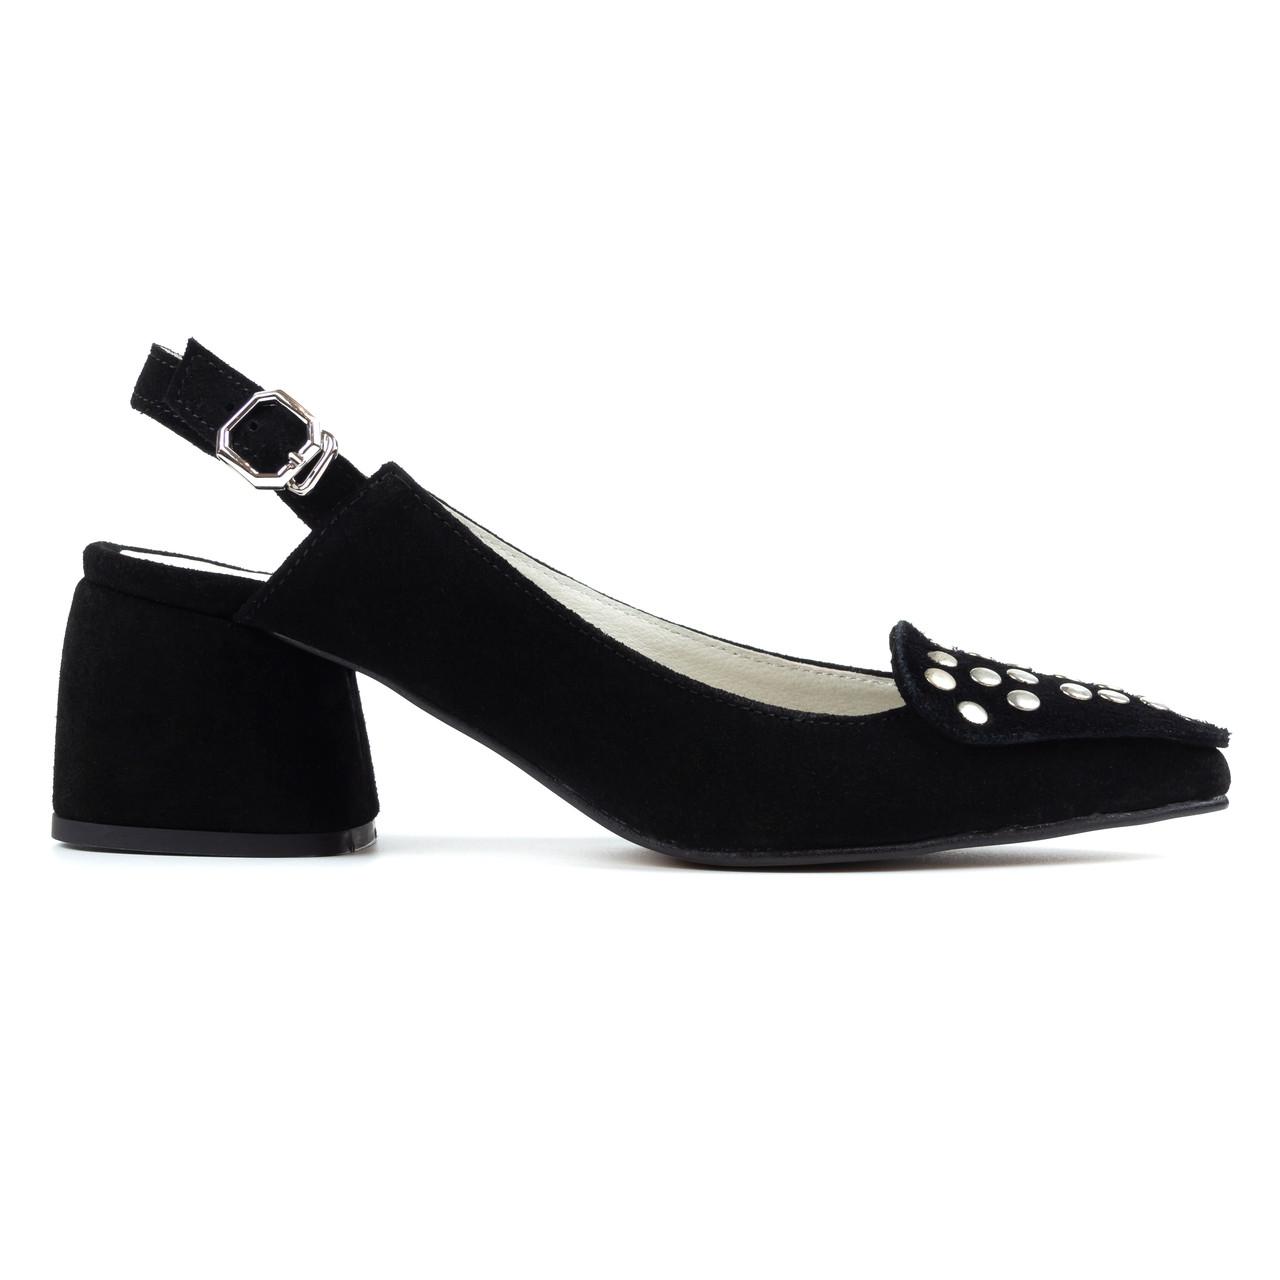 Босоножки замшевые Woman's heel черные (О-869)